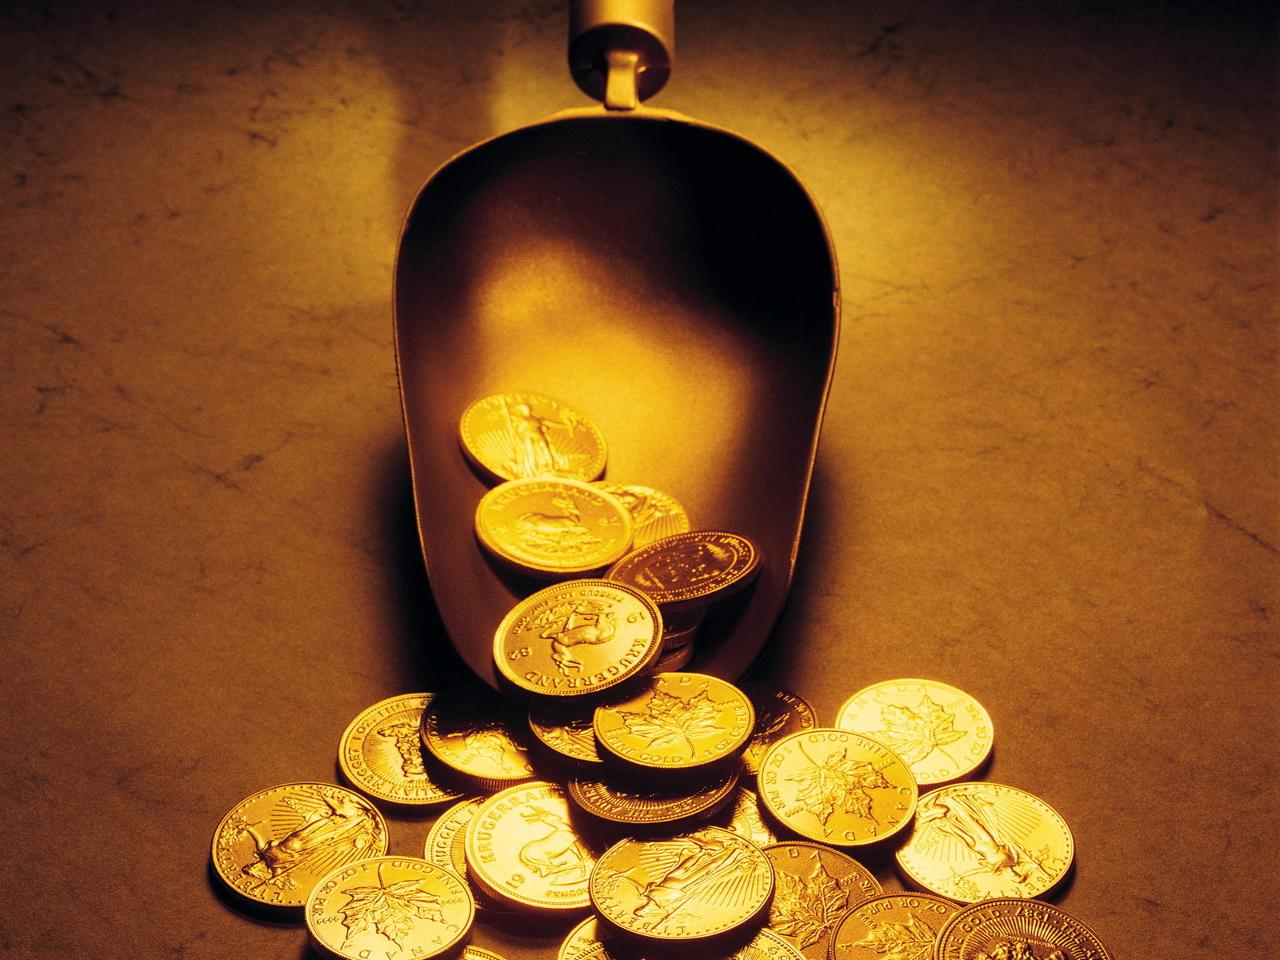 золотые монеты, скачать фото, обои на рабочий стол